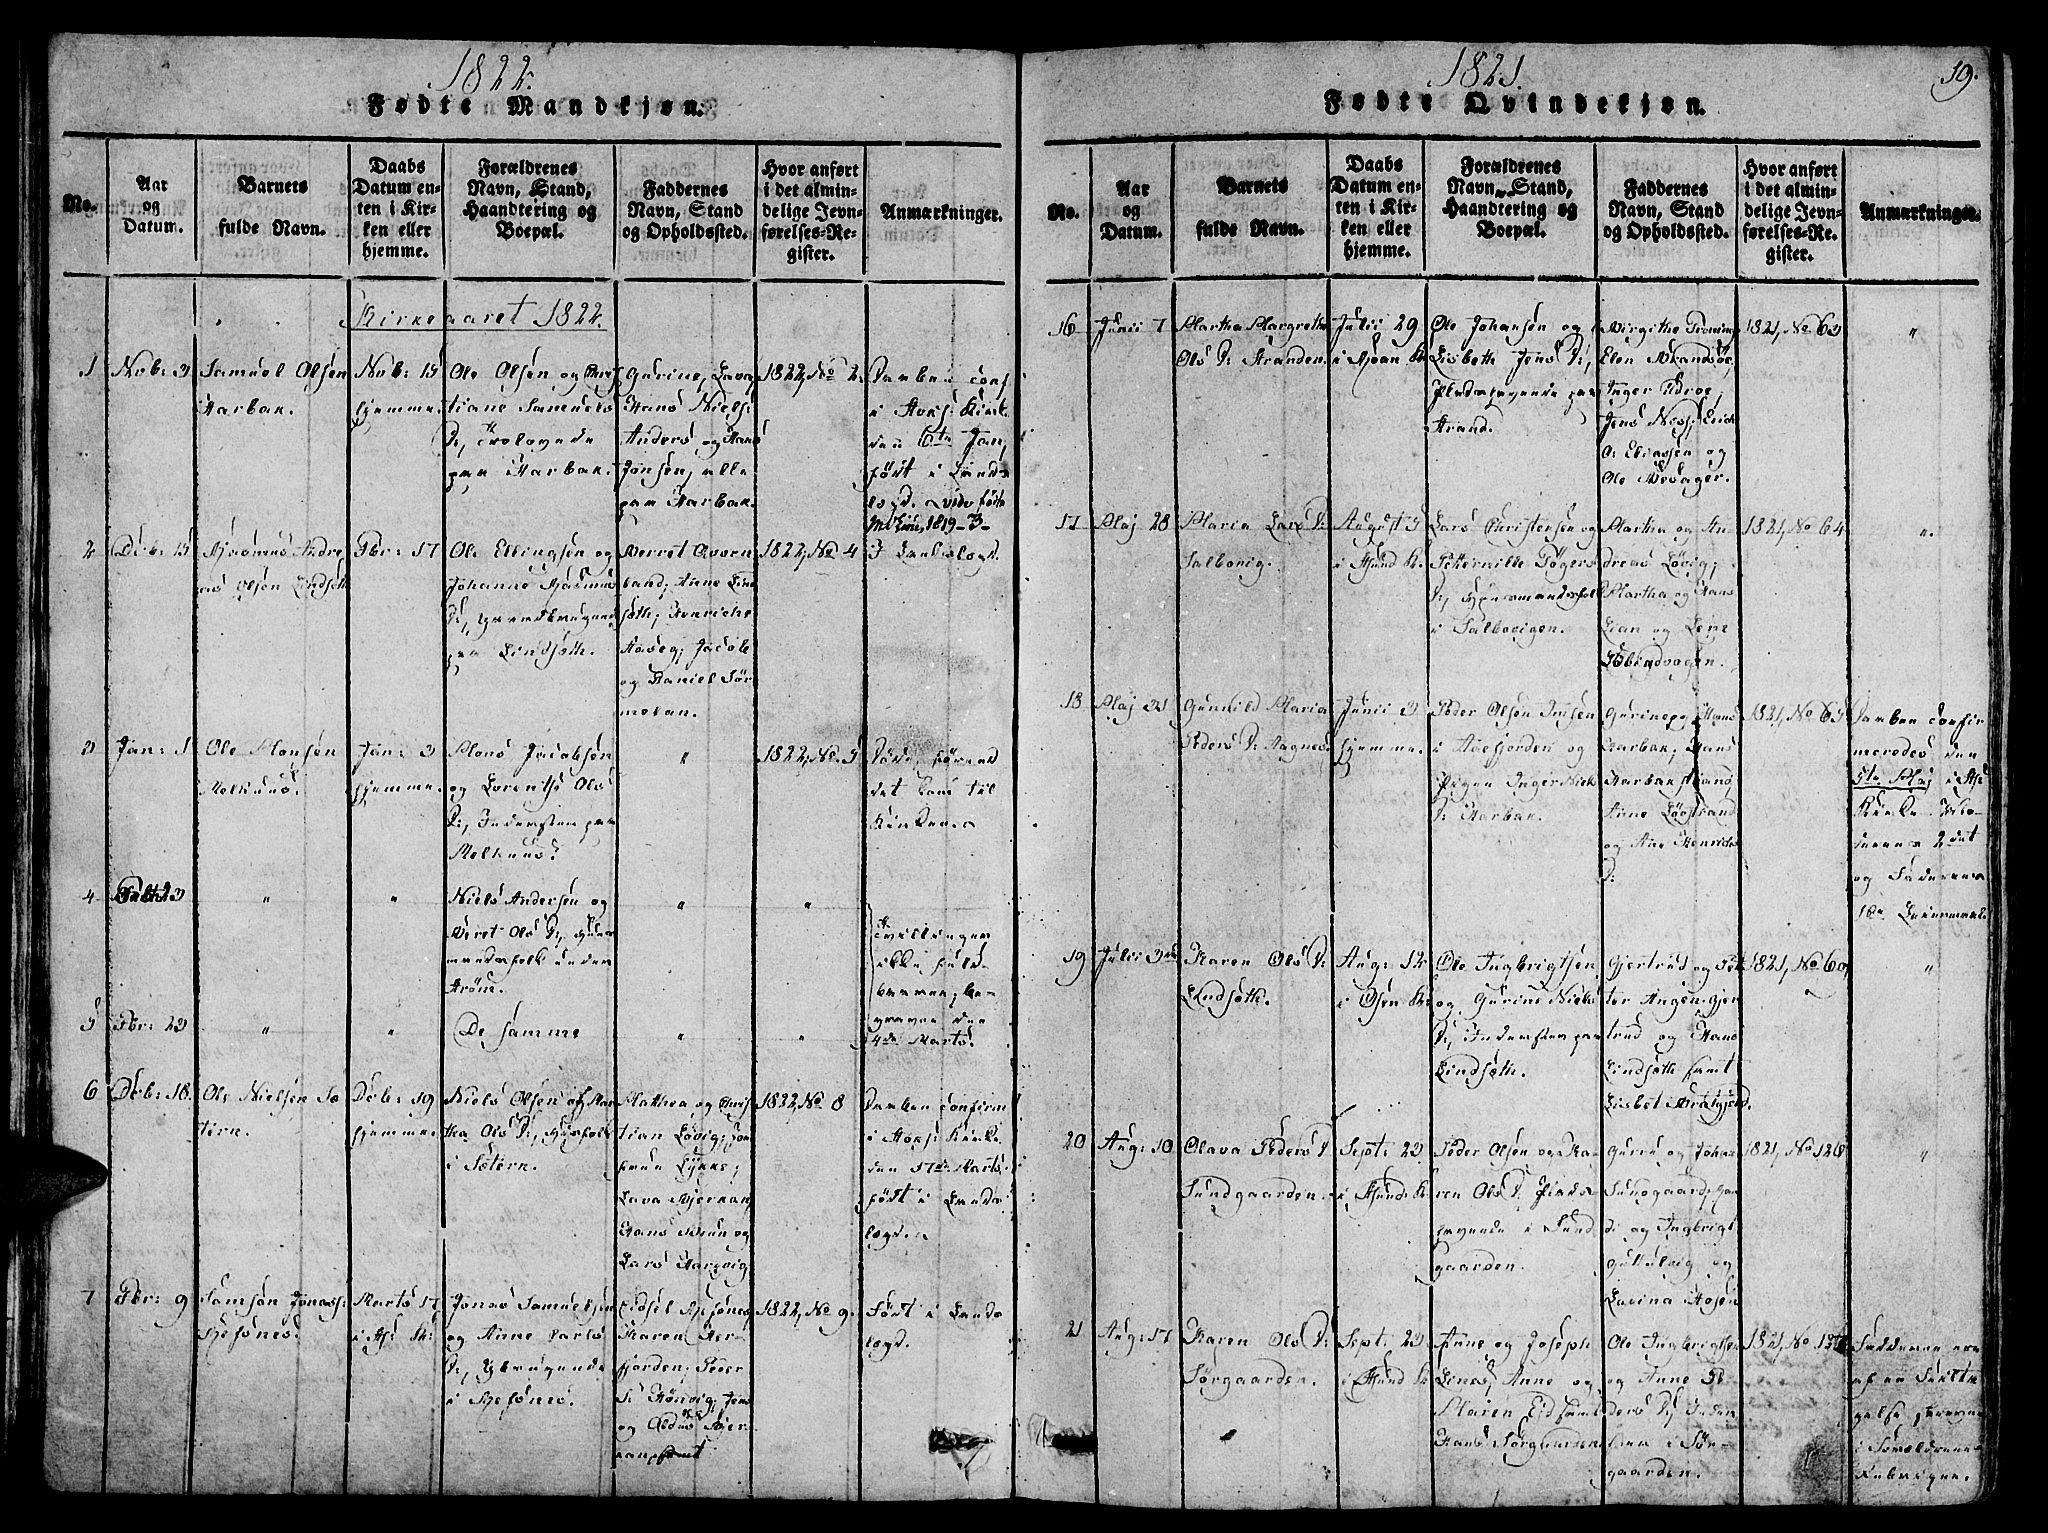 SAT, Ministerialprotokoller, klokkerbøker og fødselsregistre - Sør-Trøndelag, 657/L0702: Ministerialbok nr. 657A03, 1818-1831, s. 19